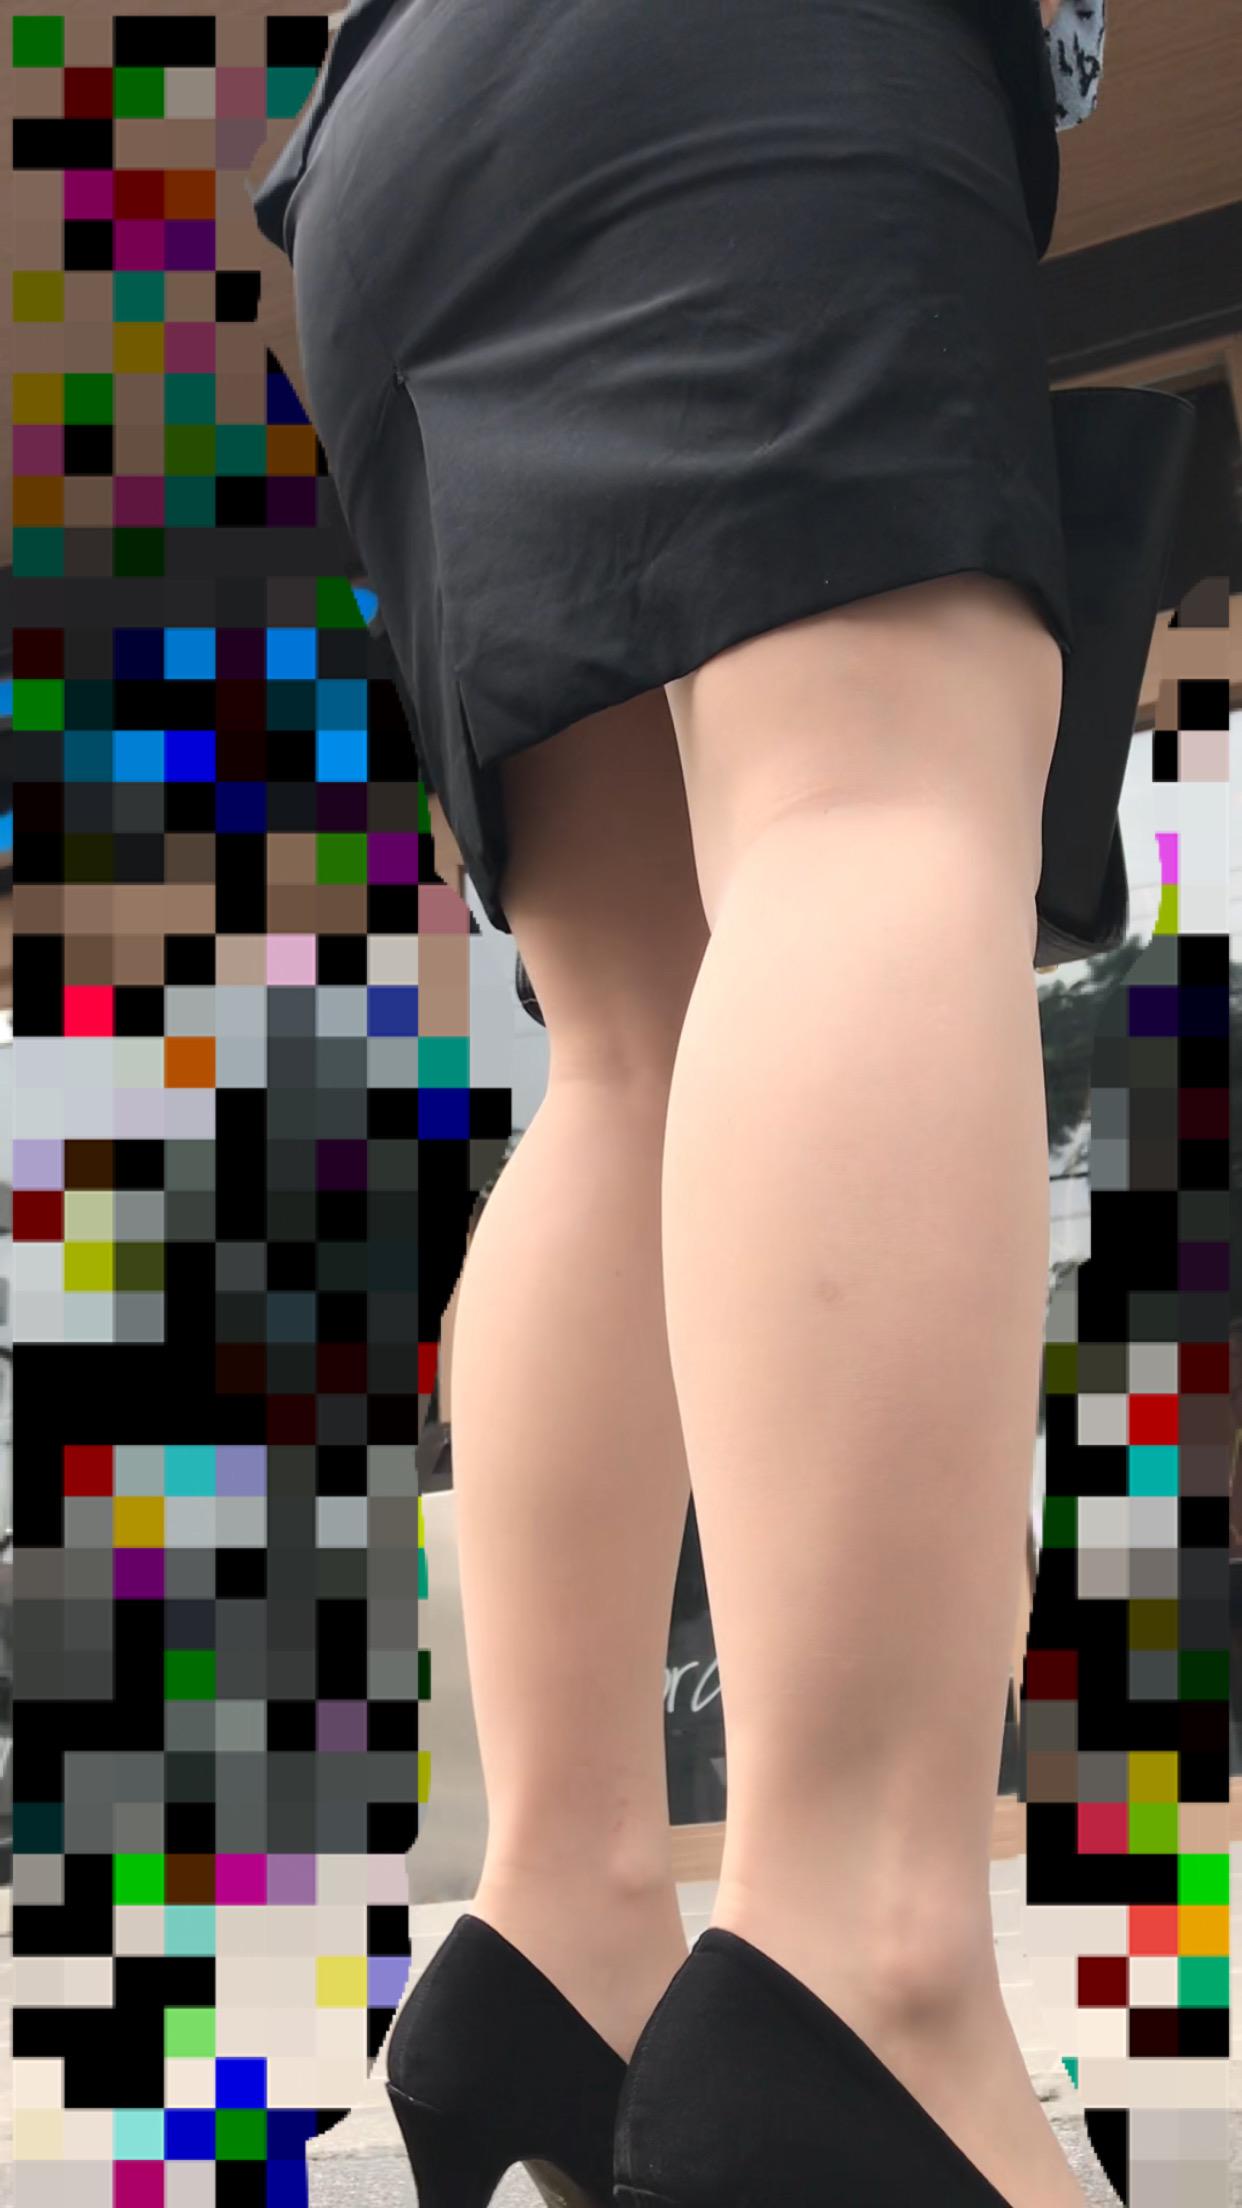 タイトスカートの下半身を街撮りした素人エロ画像-028